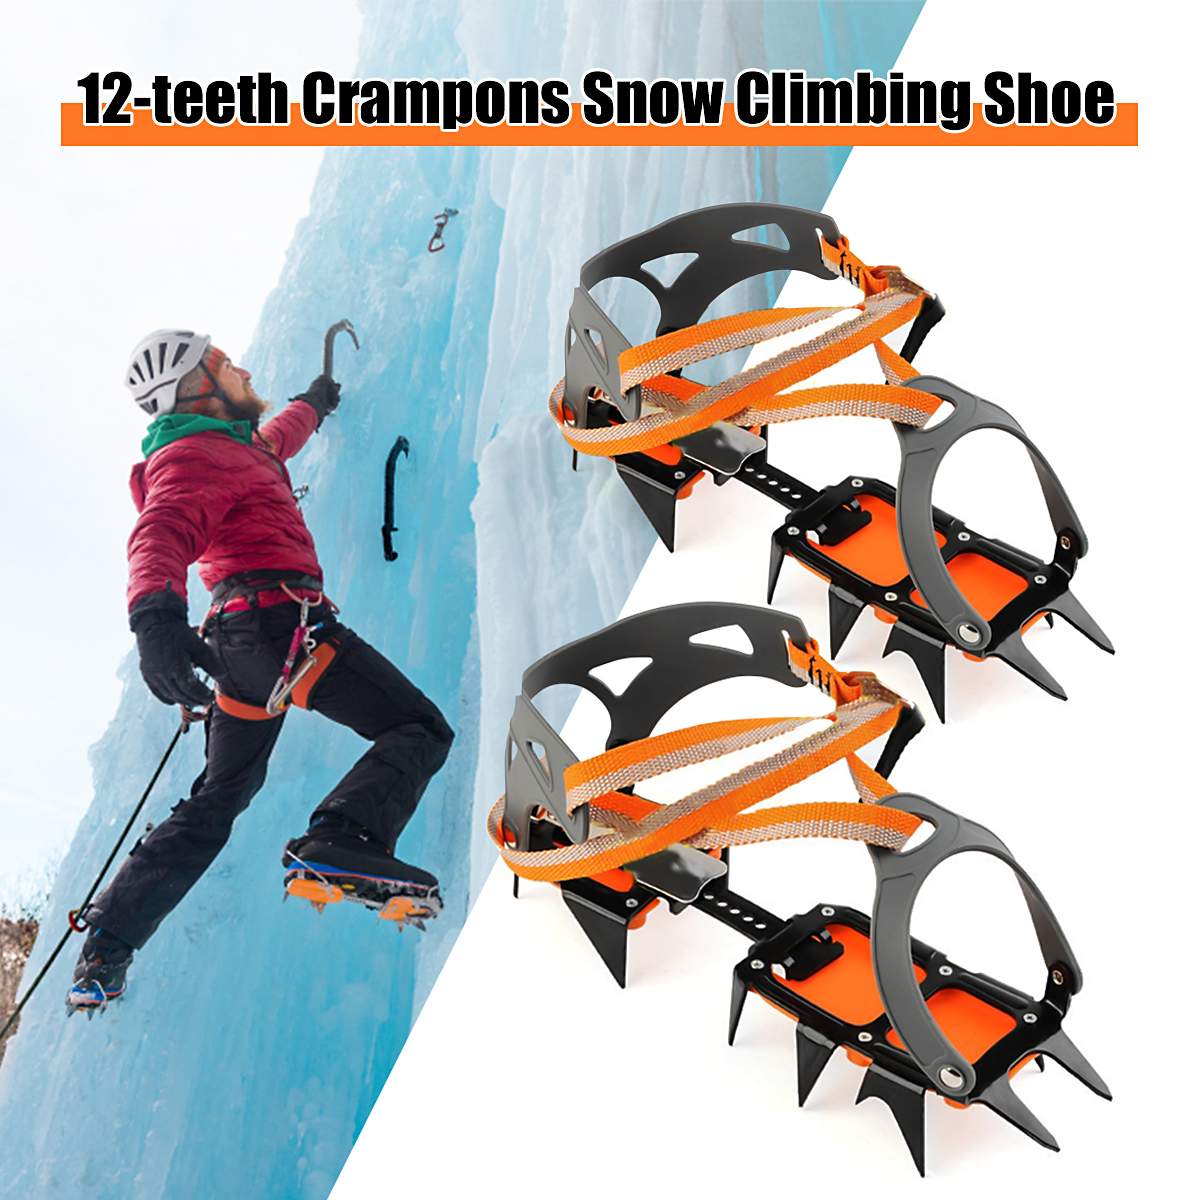 Nouvelle arrivée 1 paire Crampons À Glace Non-Slip Neige Chaussures Pointes Grips Crampons crampons D'hiver Escalade Randonnée Anti Slip outil de sécurité